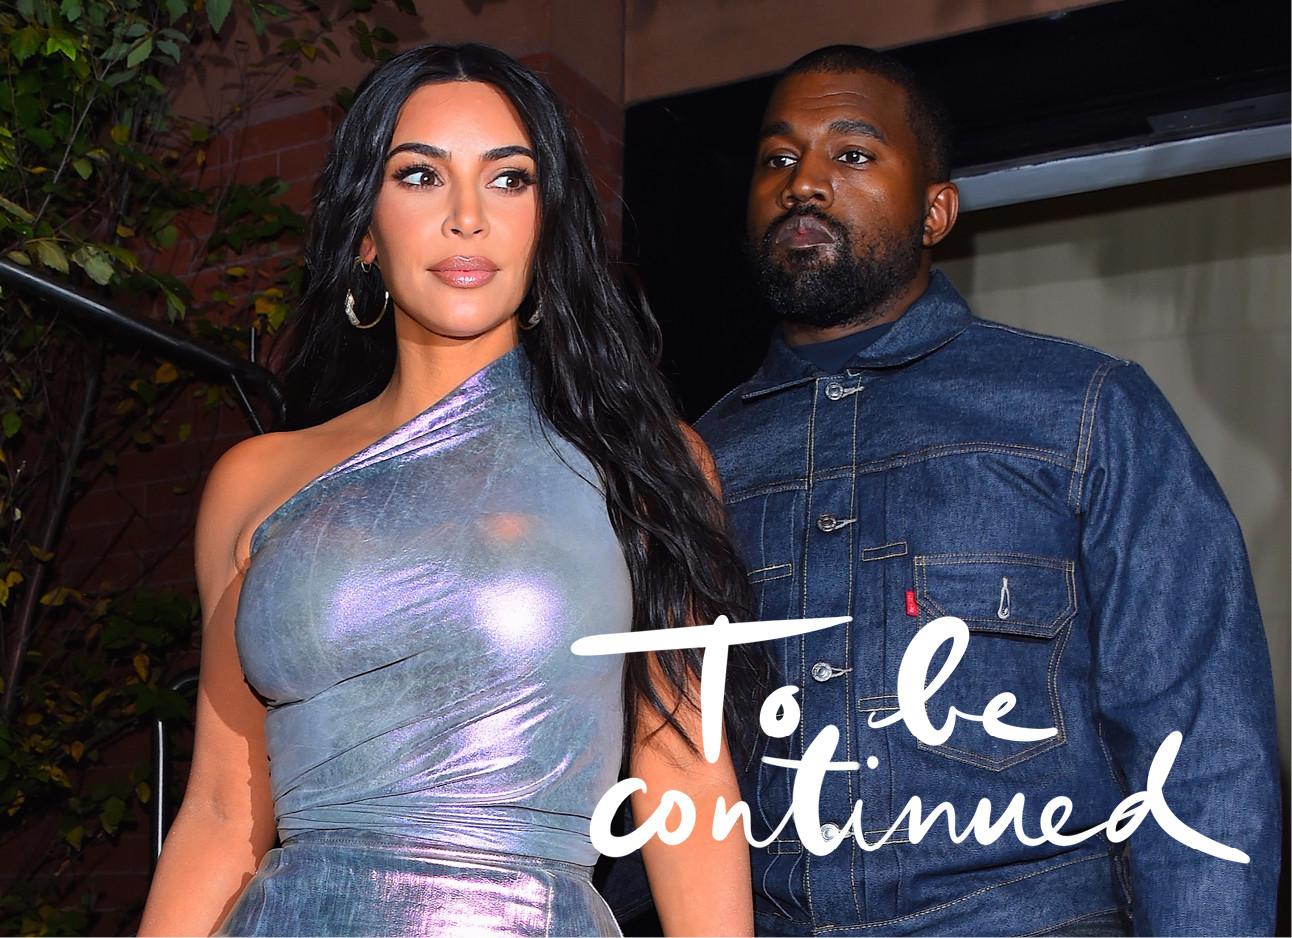 Kim en Kanye West